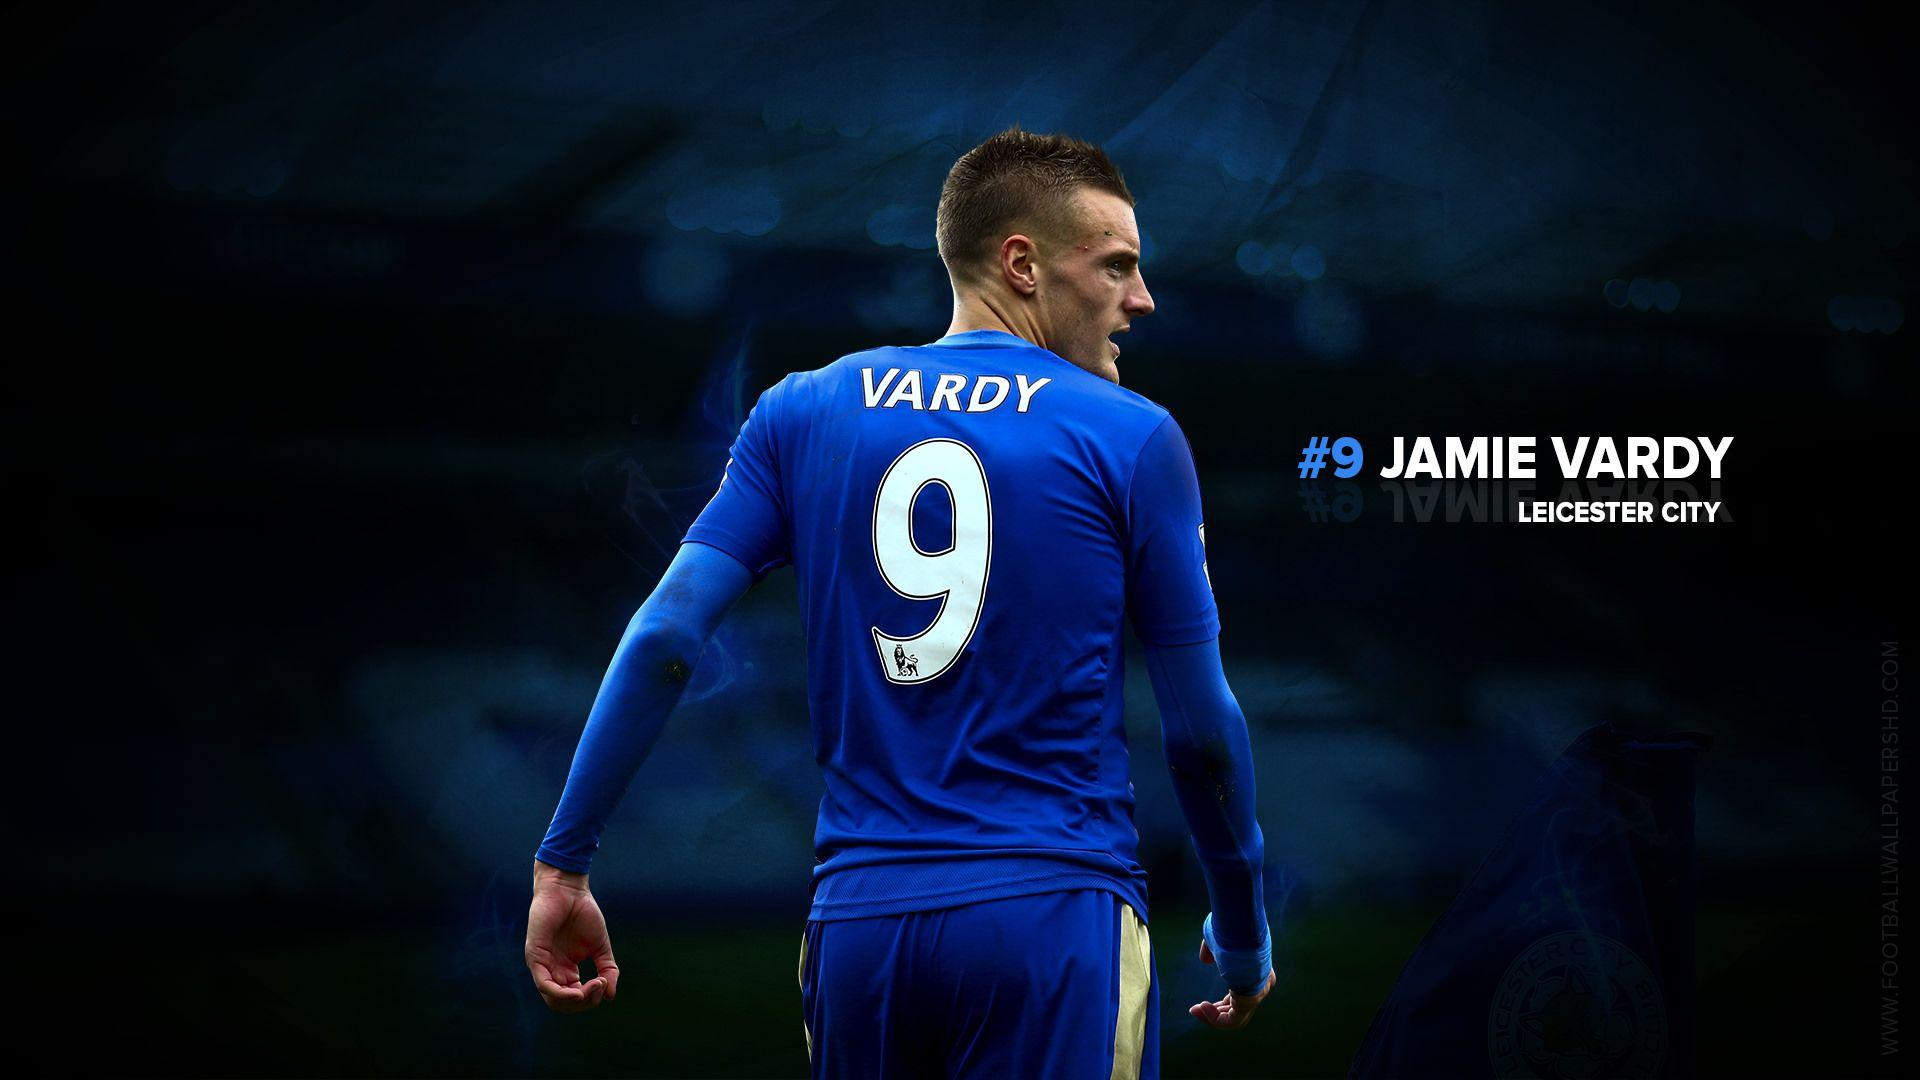 Jamie Vardy Leicester City Wallpaper (มีรูปภาพ)